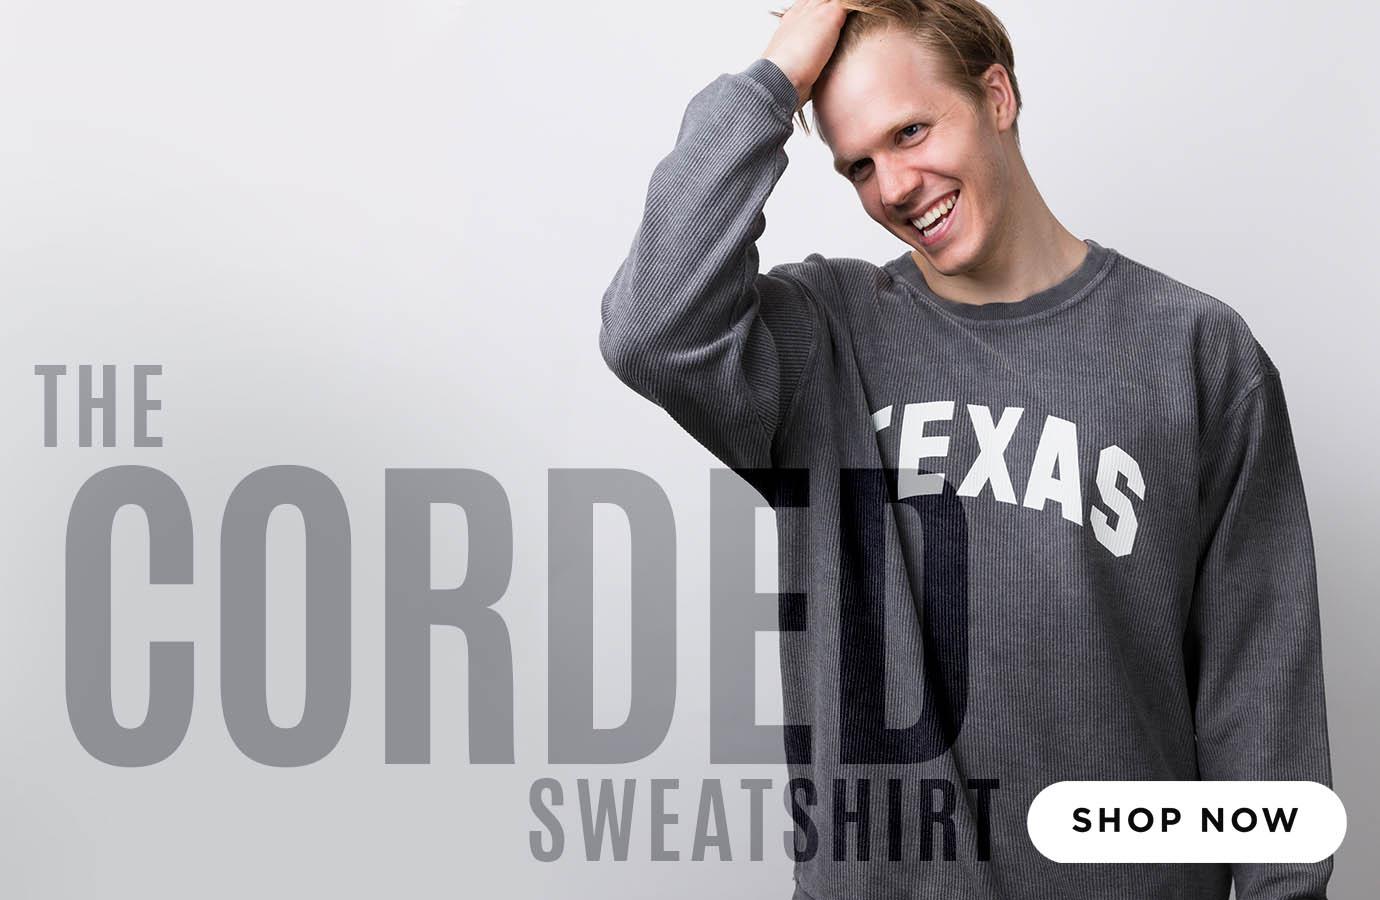 The Corded Sweatshirt